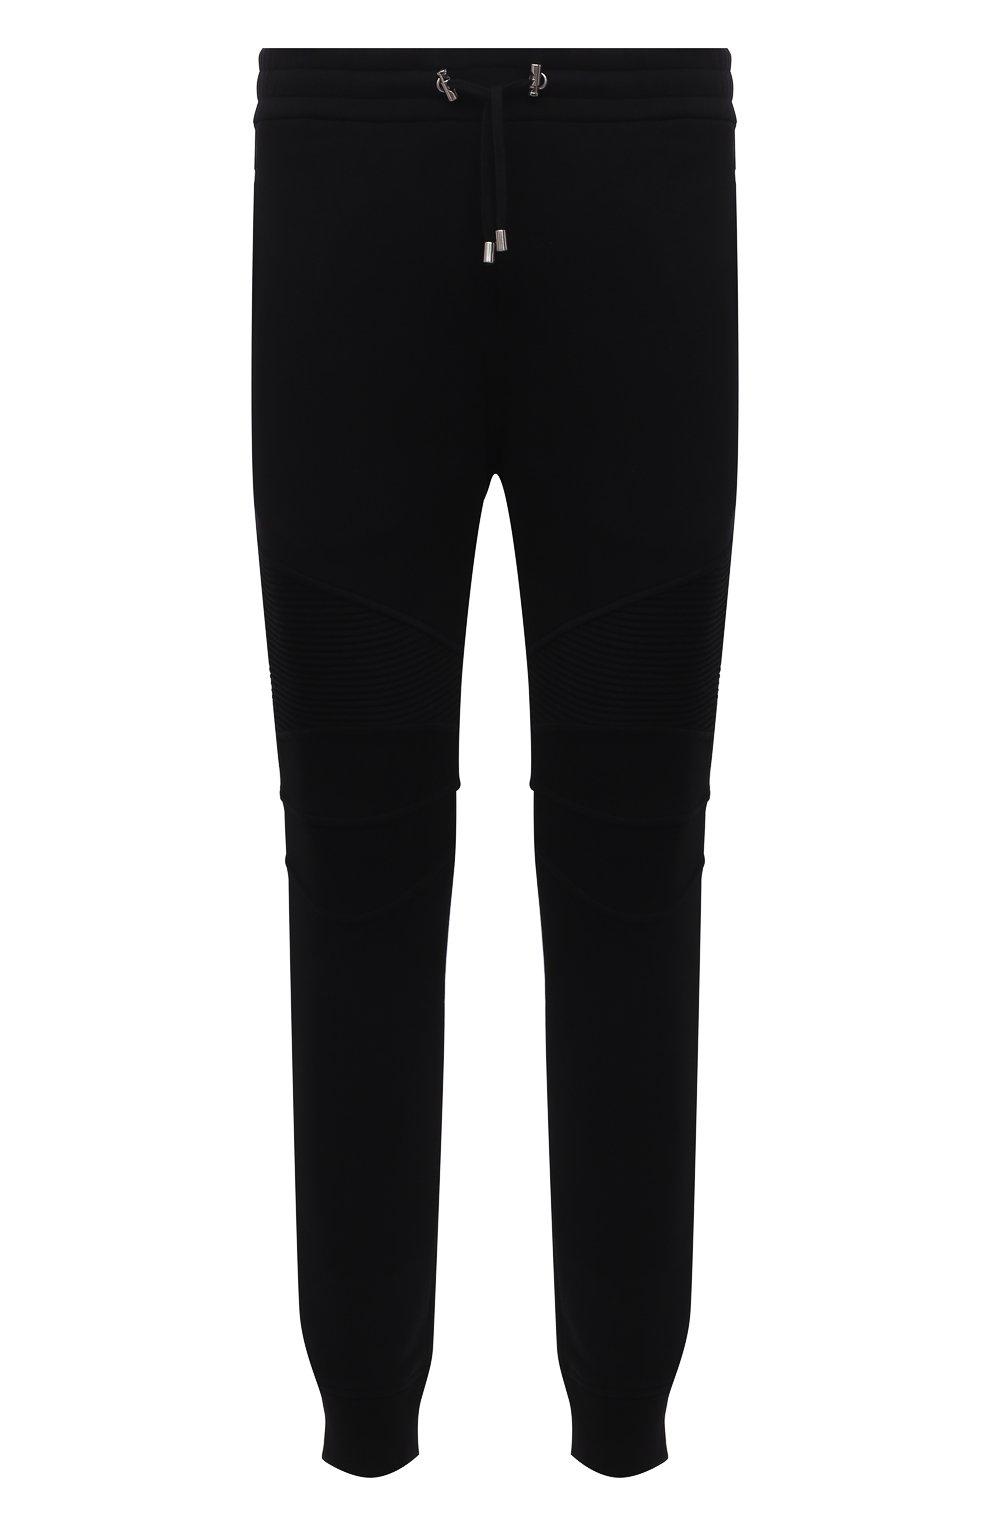 Мужские хлопковые джоггеры BALMAIN черного цвета, арт. WH10B000/B115   Фото 1 (Мужское Кросс-КТ: Брюки-трикотаж; Длина (брюки, джинсы): Стандартные; Материал внешний: Хлопок; Стили: Спорт-шик; Силуэт М (брюки): Джоггеры)